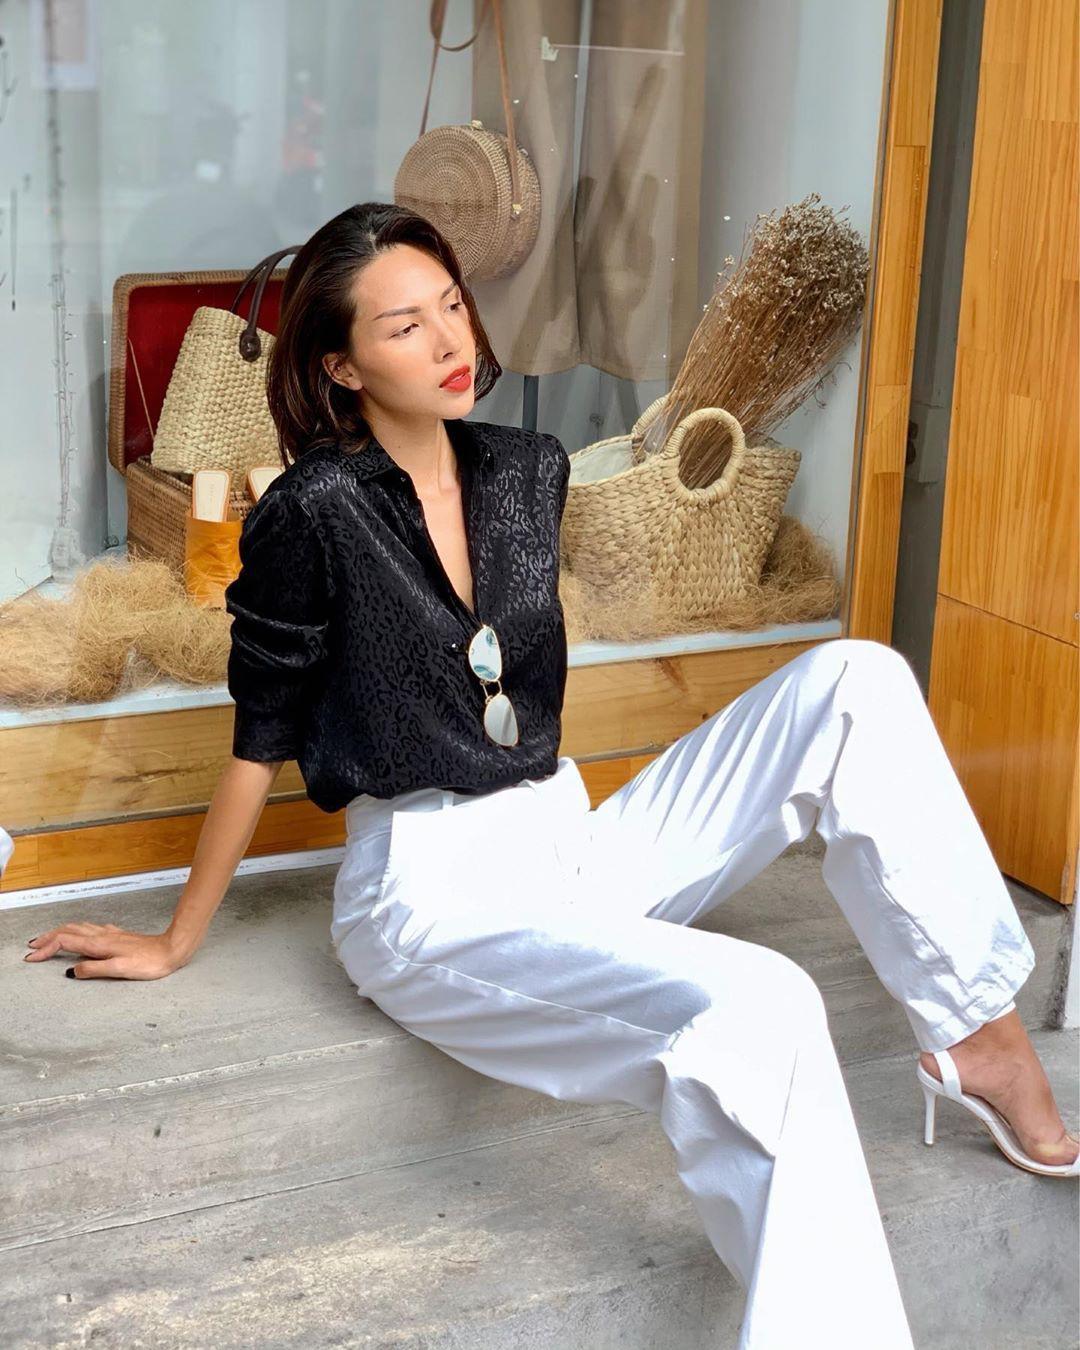 Làm chủ công thức đen - trắng với 13 ý tưởng từ sao nữ Việt và style của bạn sẽ lên đời thấy rõ - Ảnh 5.